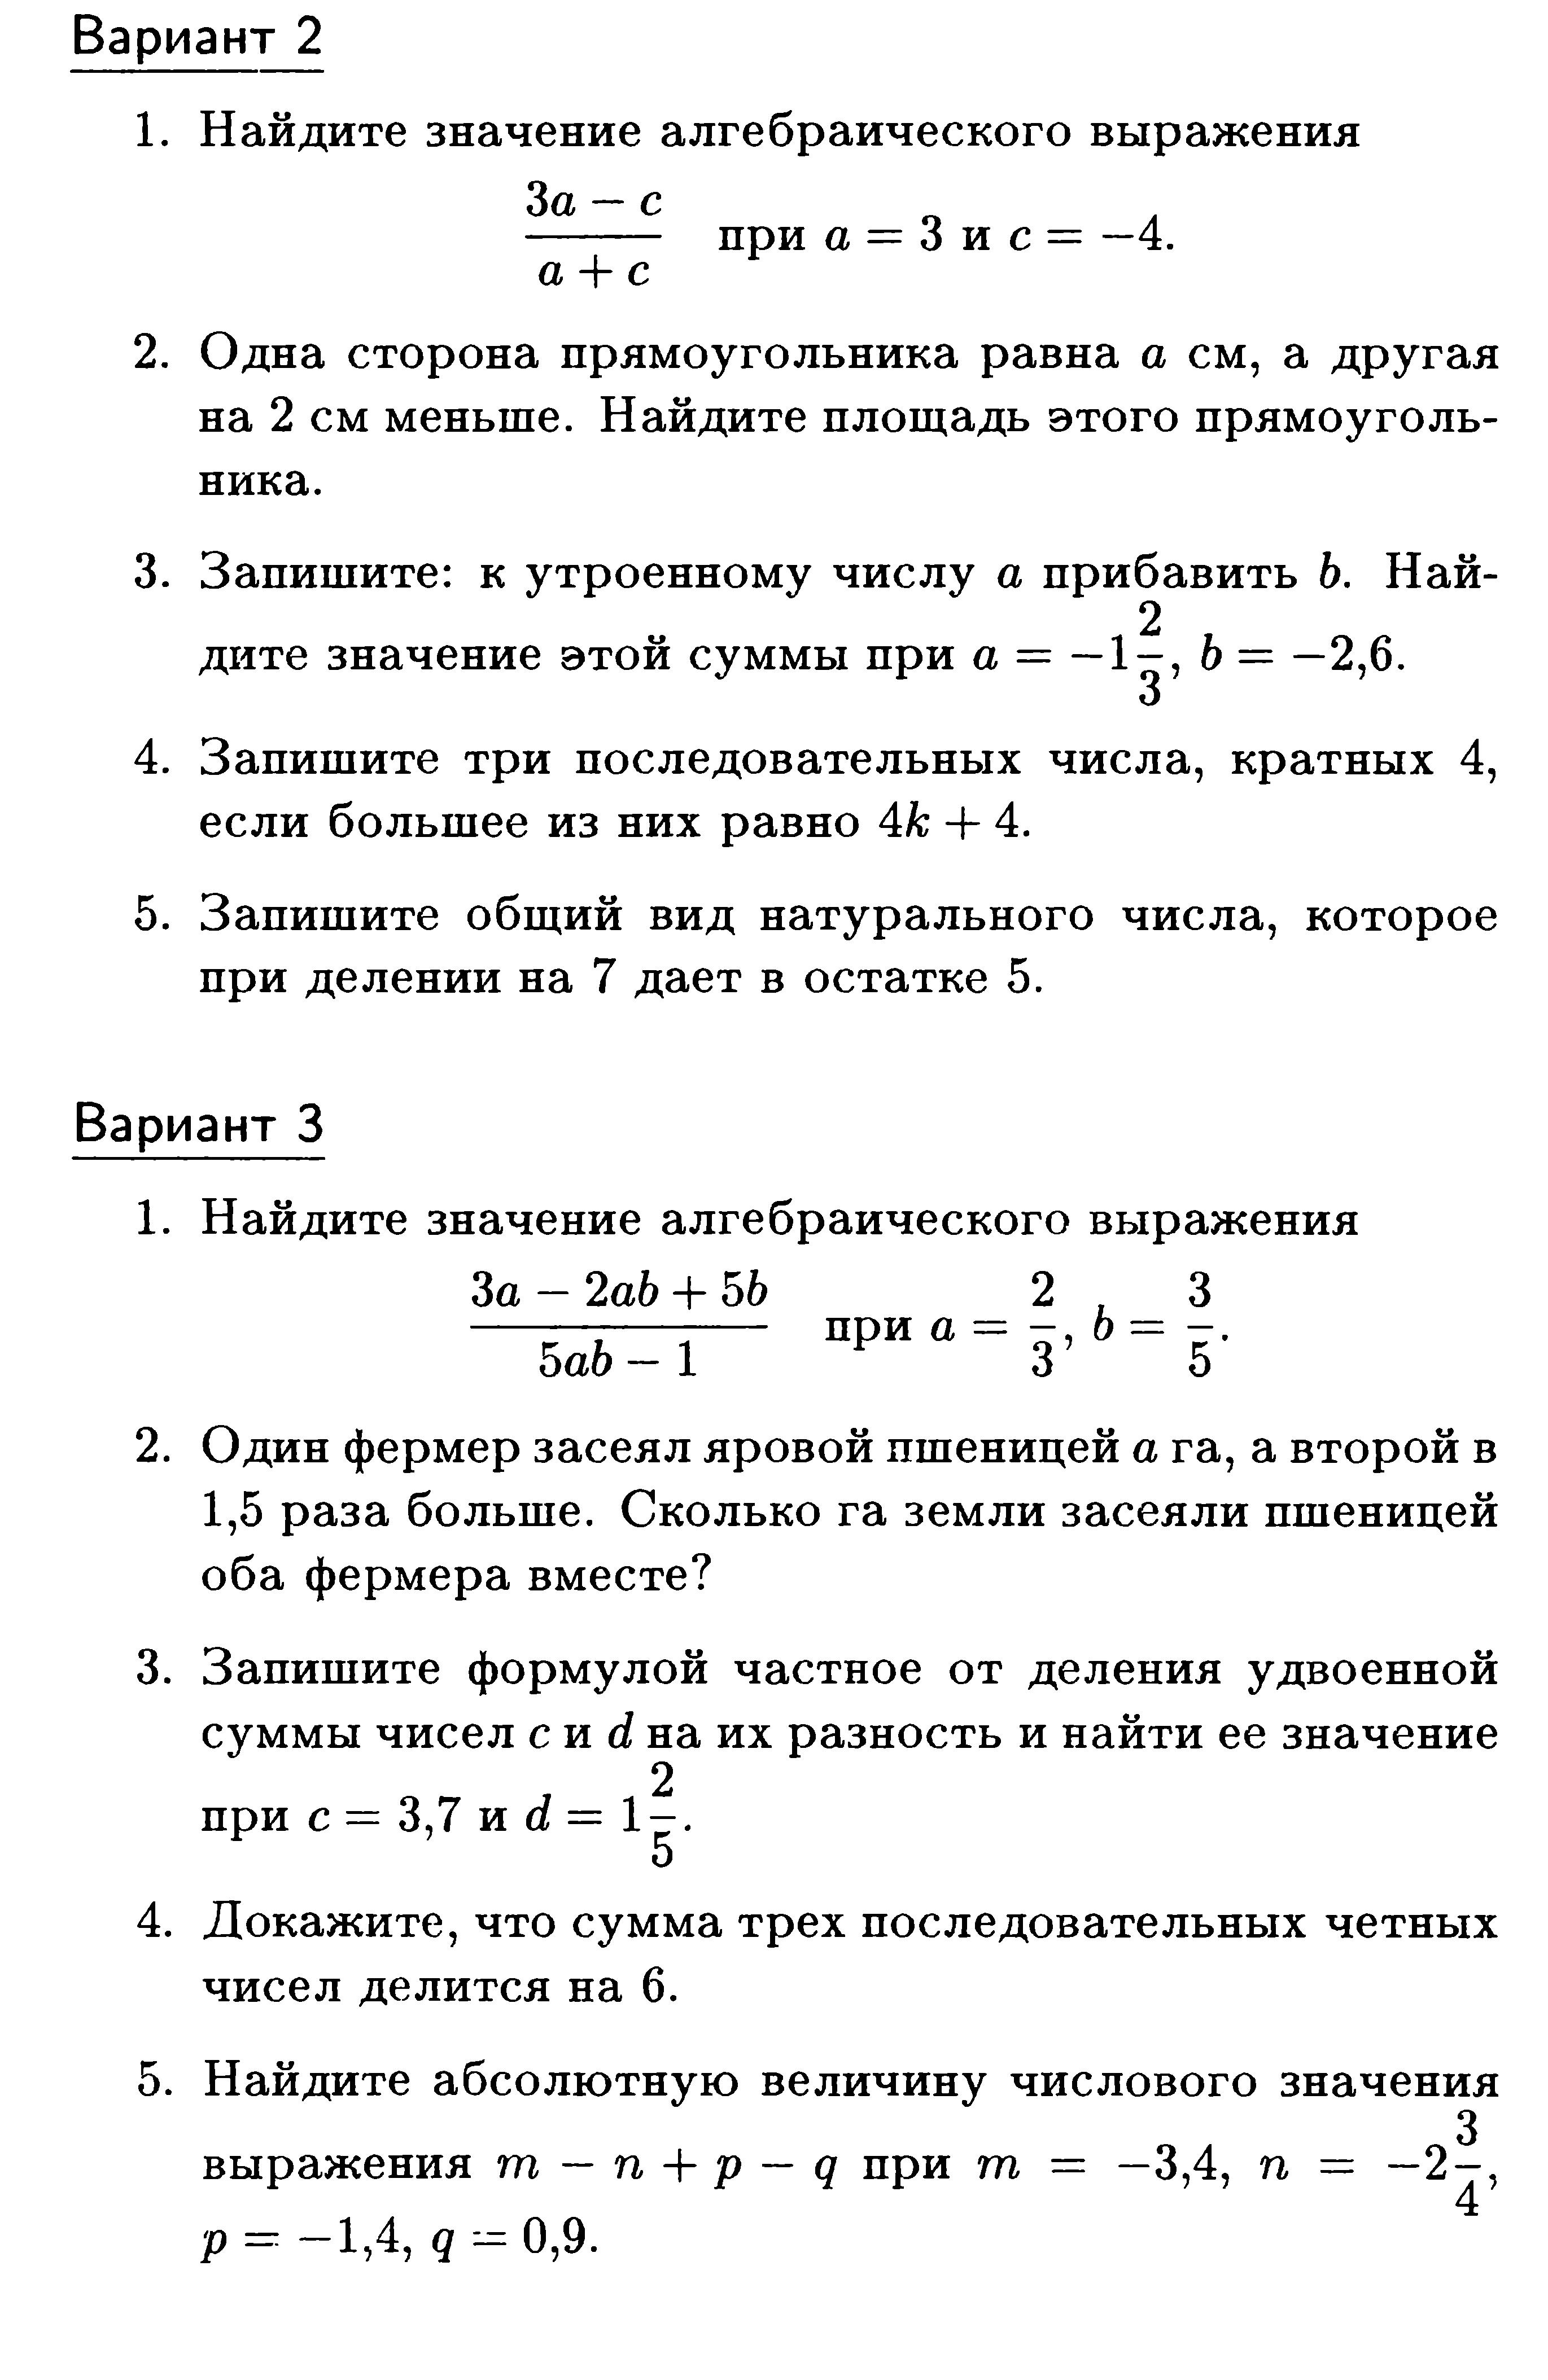 Скачаьб решебник по математике за 6 класс виленкин в формате txt